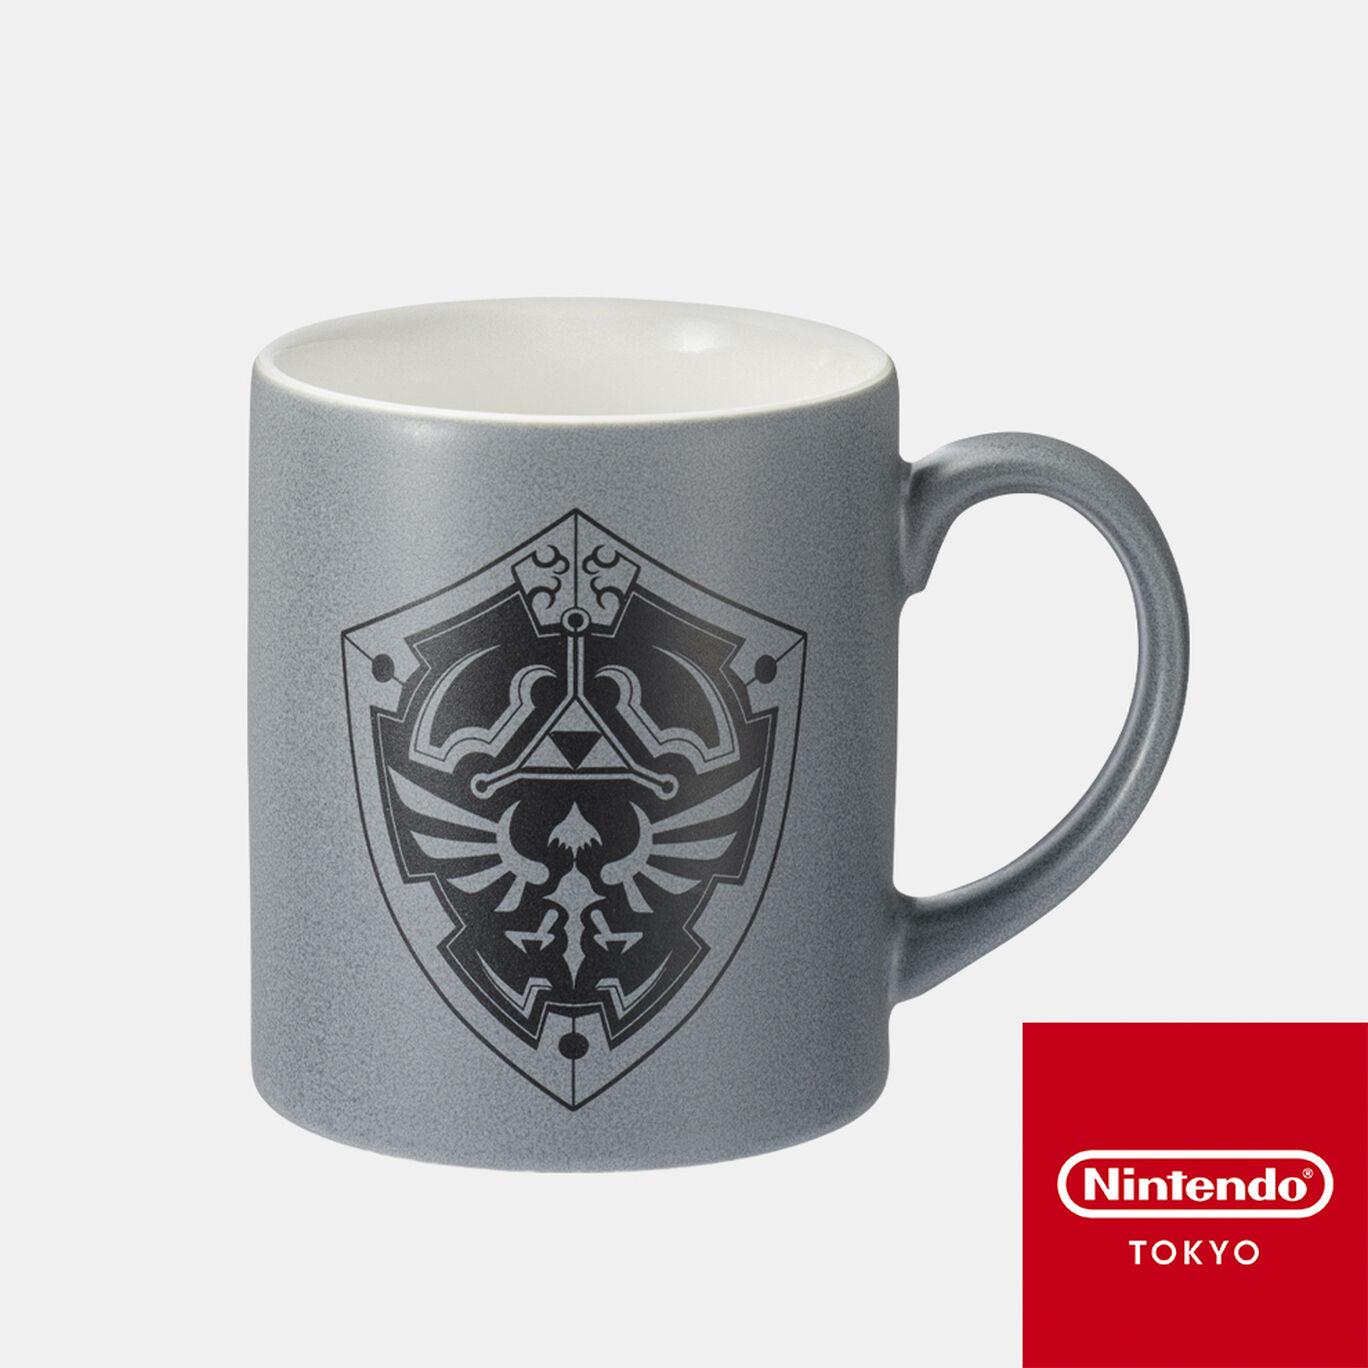 マグカップ ゼルダの伝説 B【Nintendo TOKYO取り扱い商品】